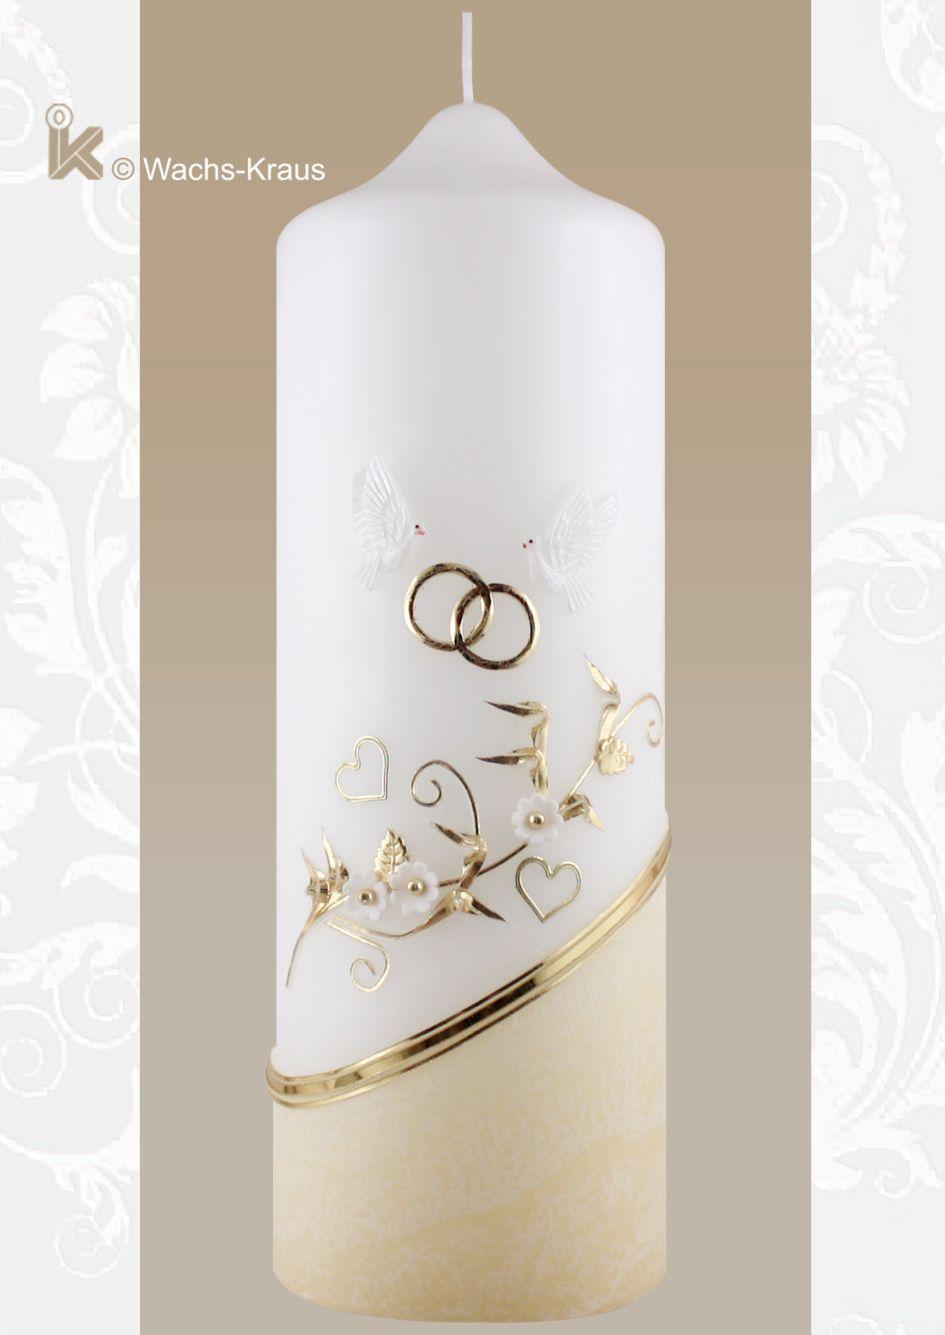 Hochzeitskerze getaucht mit zarter Blumen-Ranke